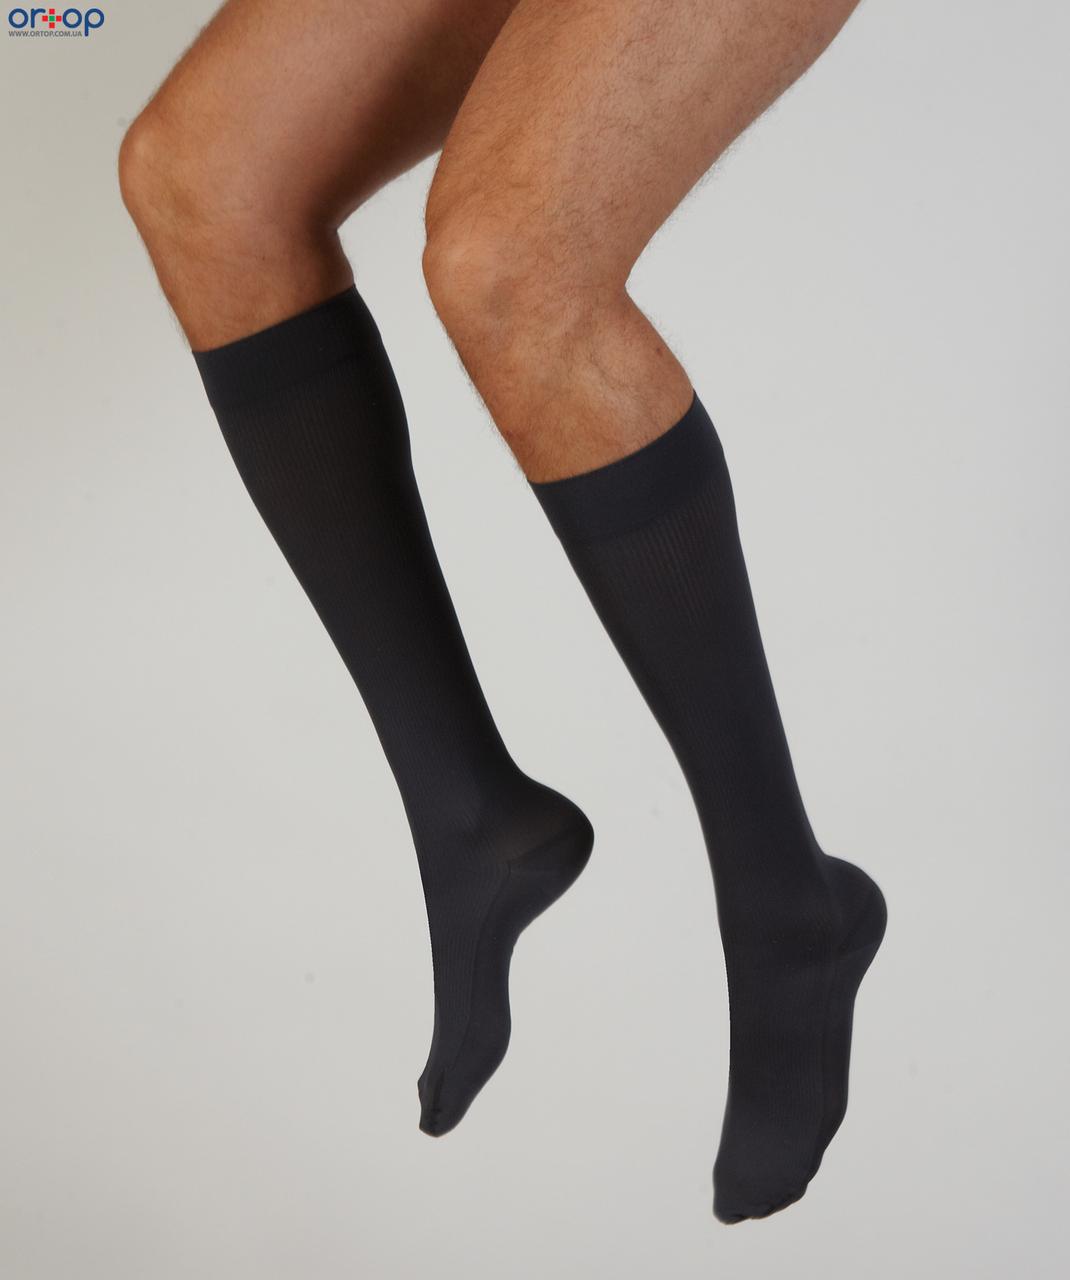 Компрессионные гольфы мужские Venoflex Elegence ( 20-36 мм рт.ст.) удлиненные с открытым носком, цвет черный, размер 1